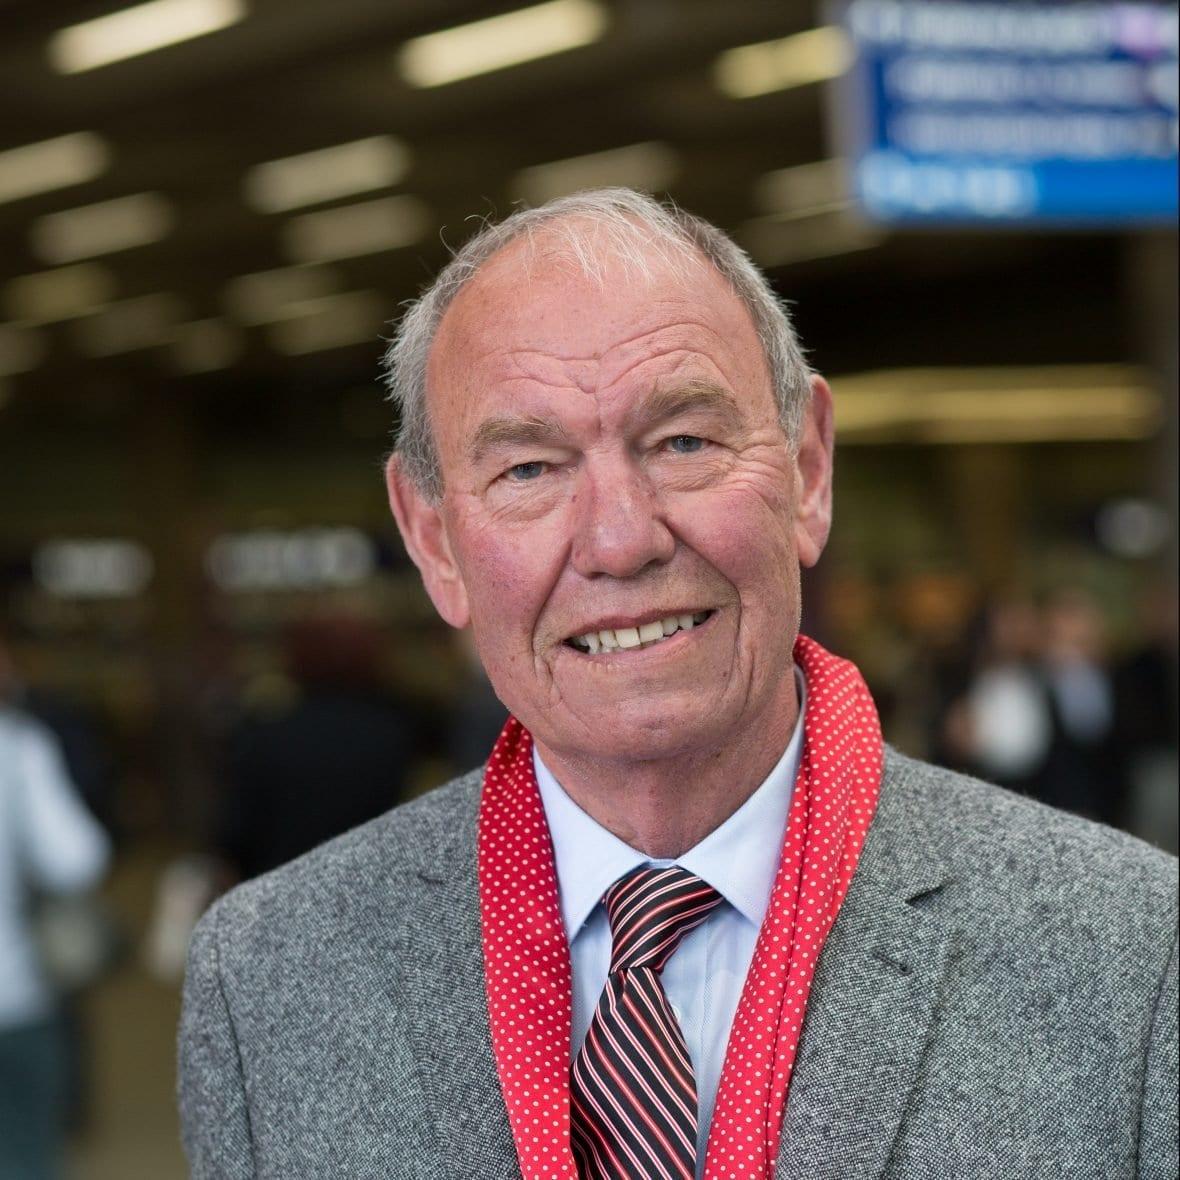 Professor Richard Scase, Academic, Entrepreneur and Business Speaker